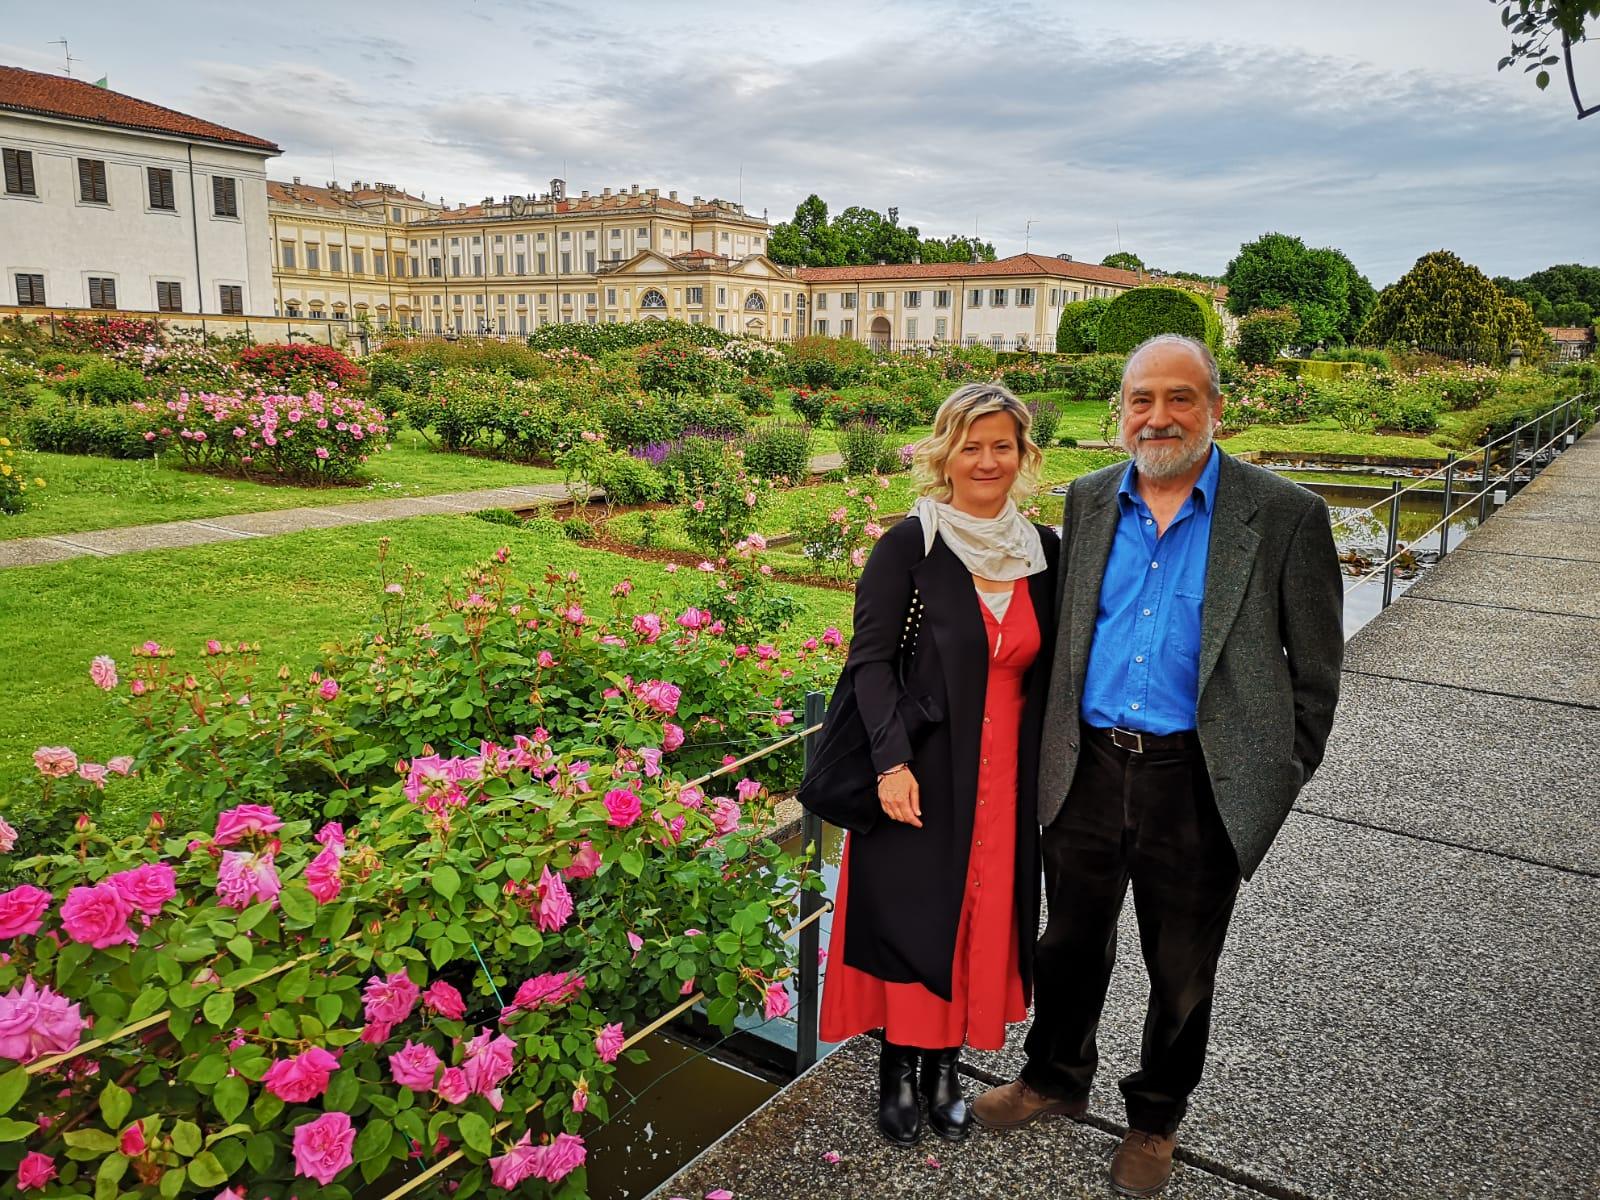 Elisabetta Motta con Luciano Ragozzino presso Roseto Fumagalli - Villa Reale di Monza